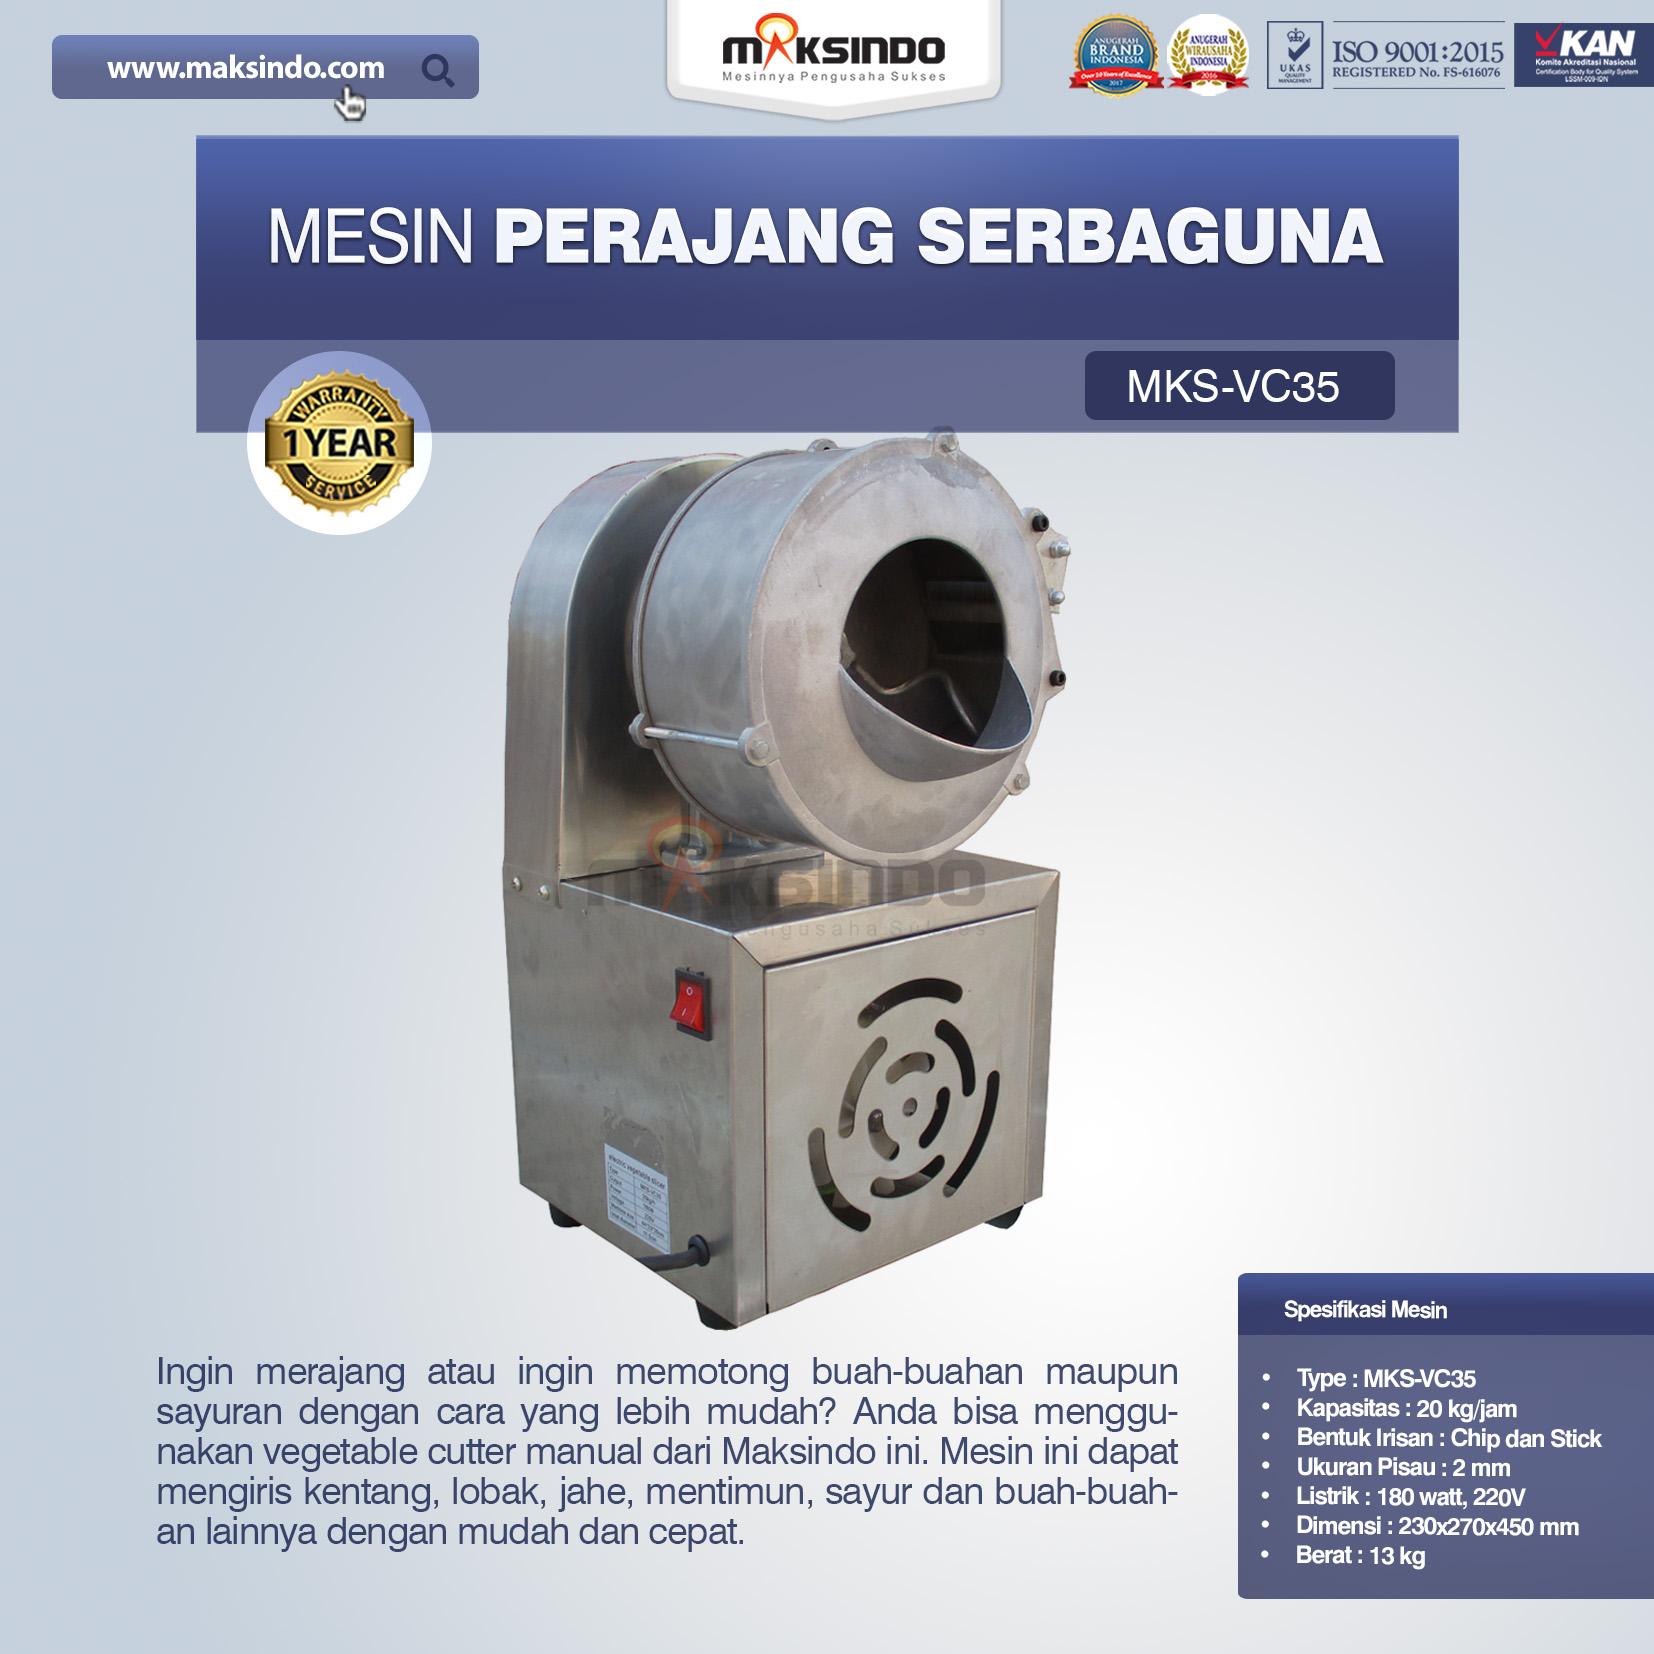 Jual Mesin Perajang Serbaguna MKS-VC35 di Semarang